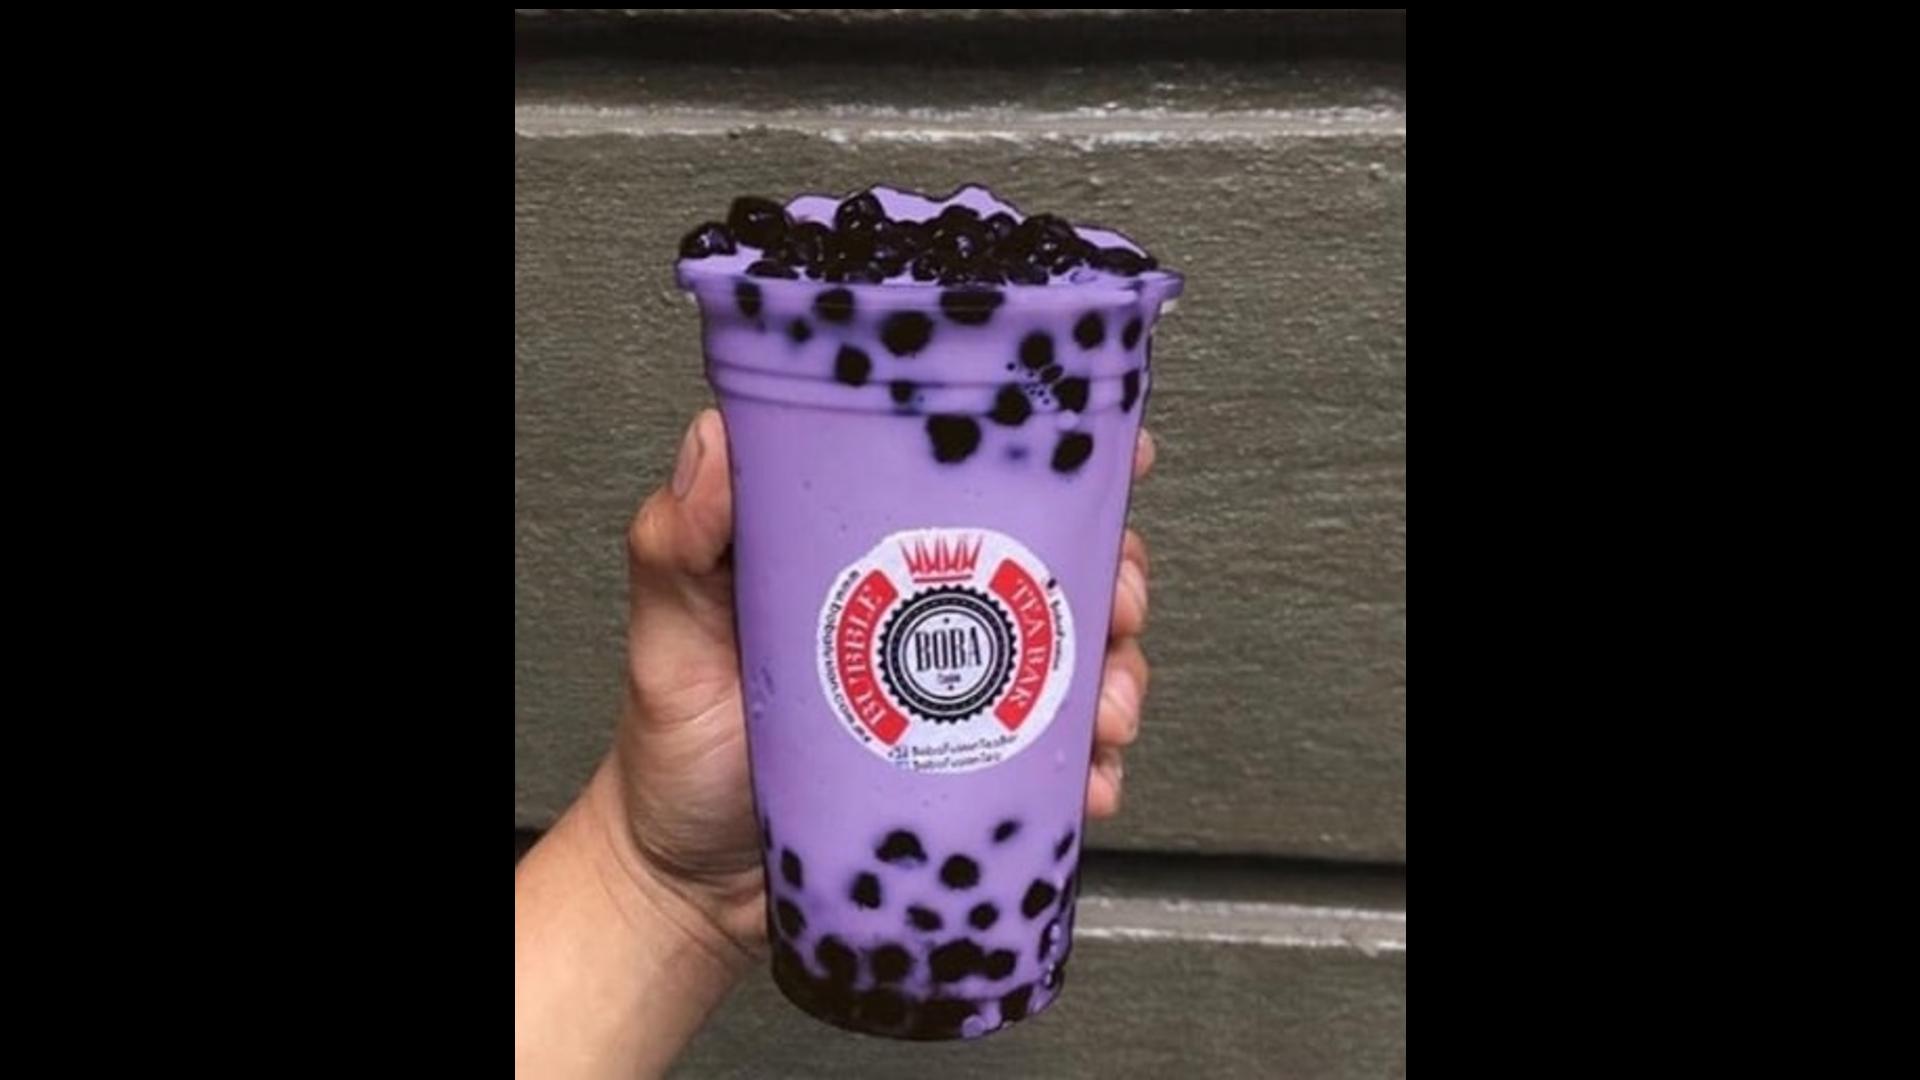 Boba Fusion Tea Bar